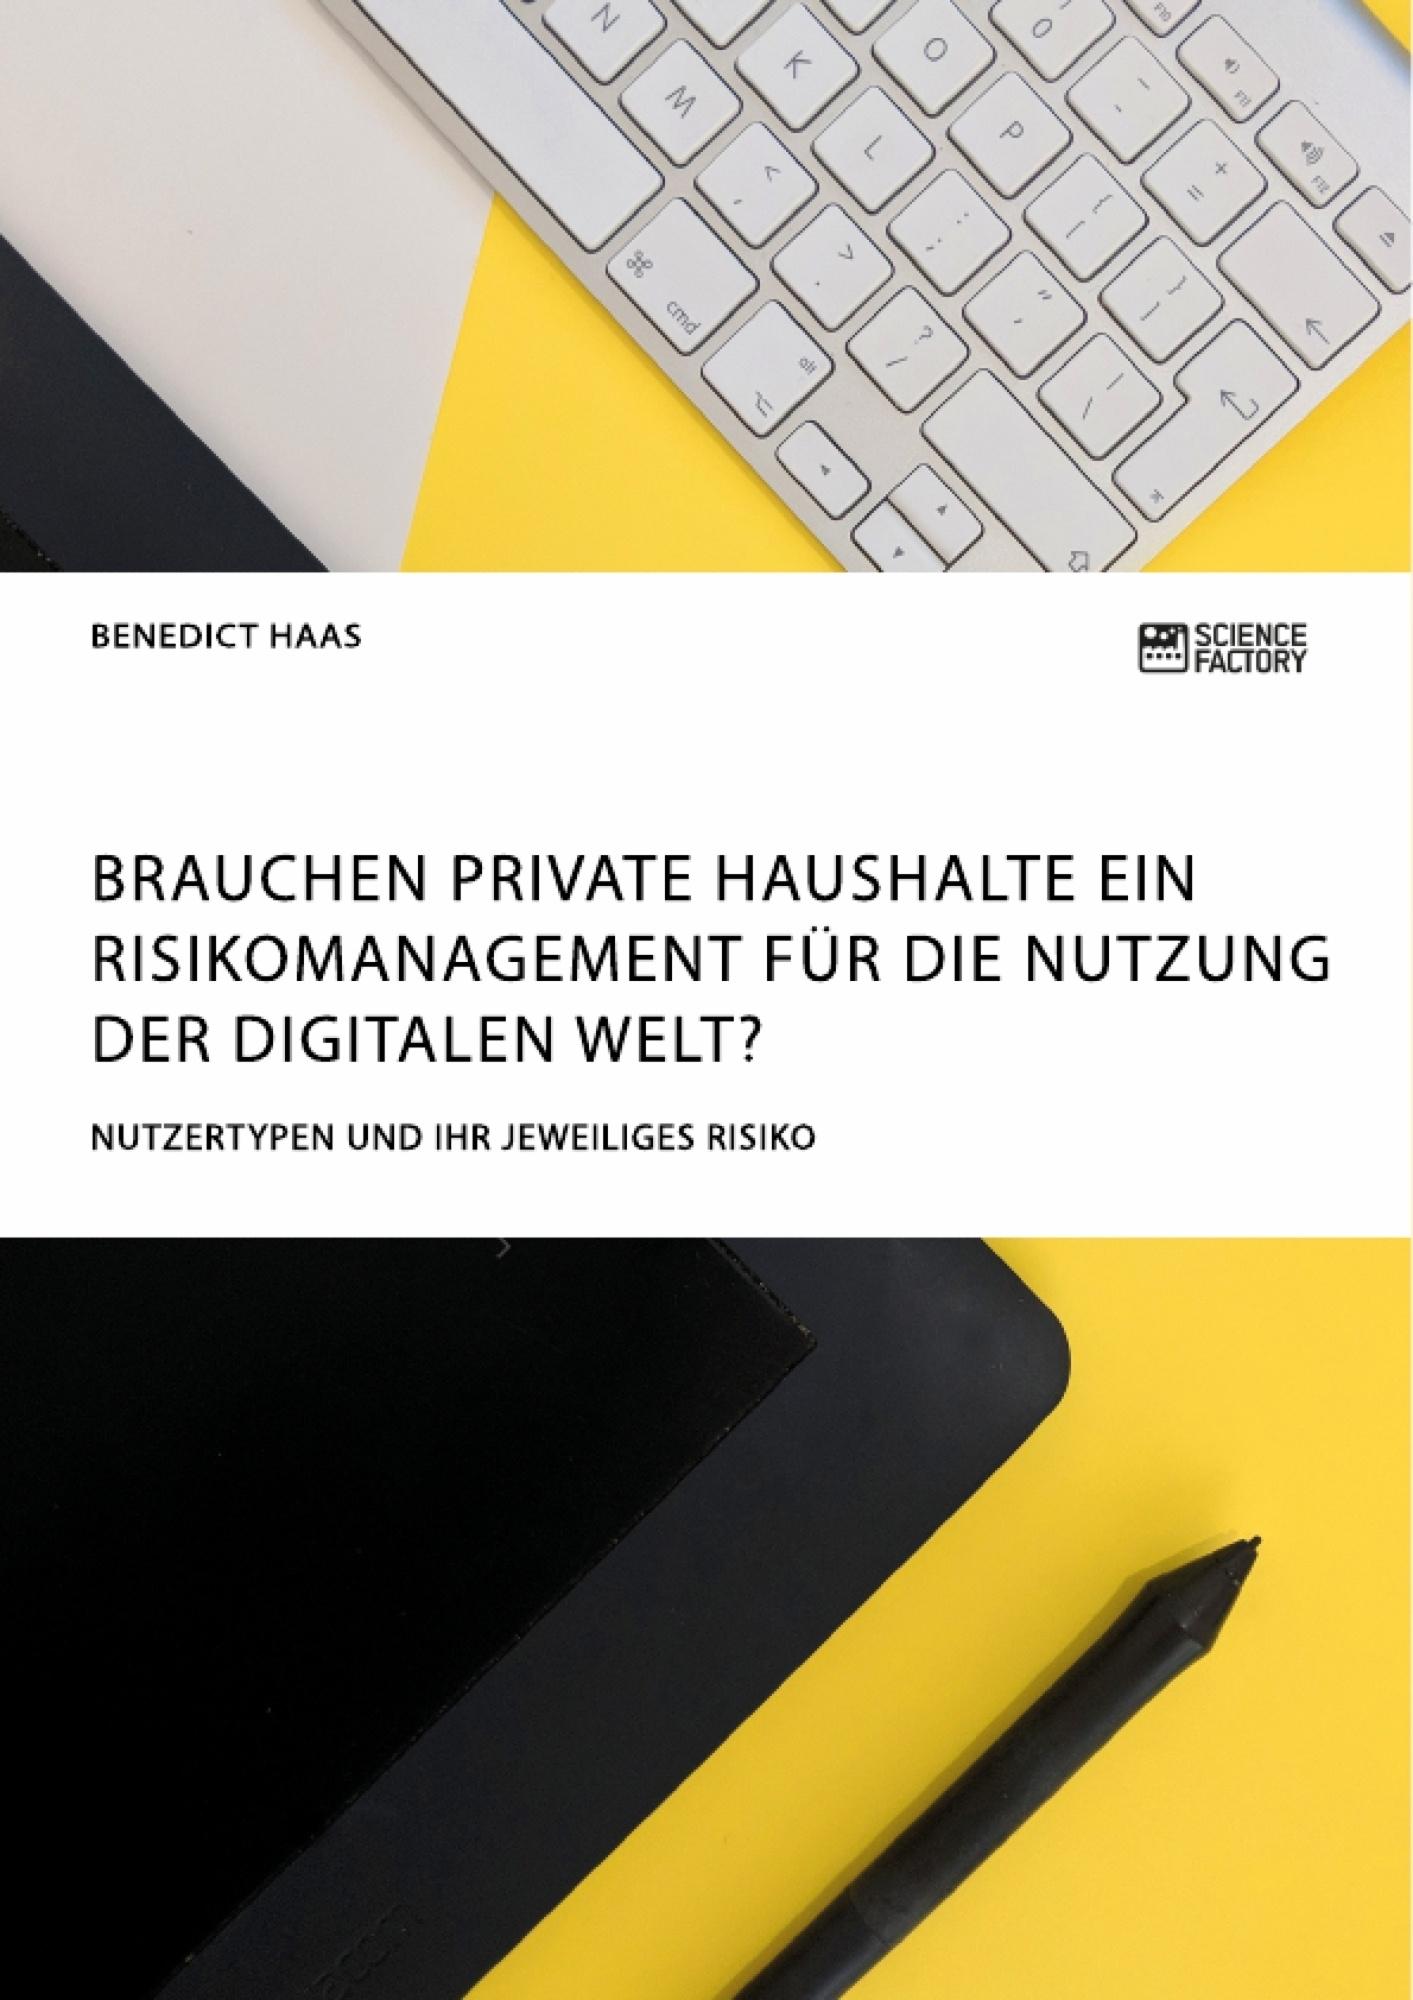 Titel: Brauchen private Haushalte ein Risikomanagement für die Nutzung der Digitalen Welt? Nutzertypen und ihr jeweiliges Risiko